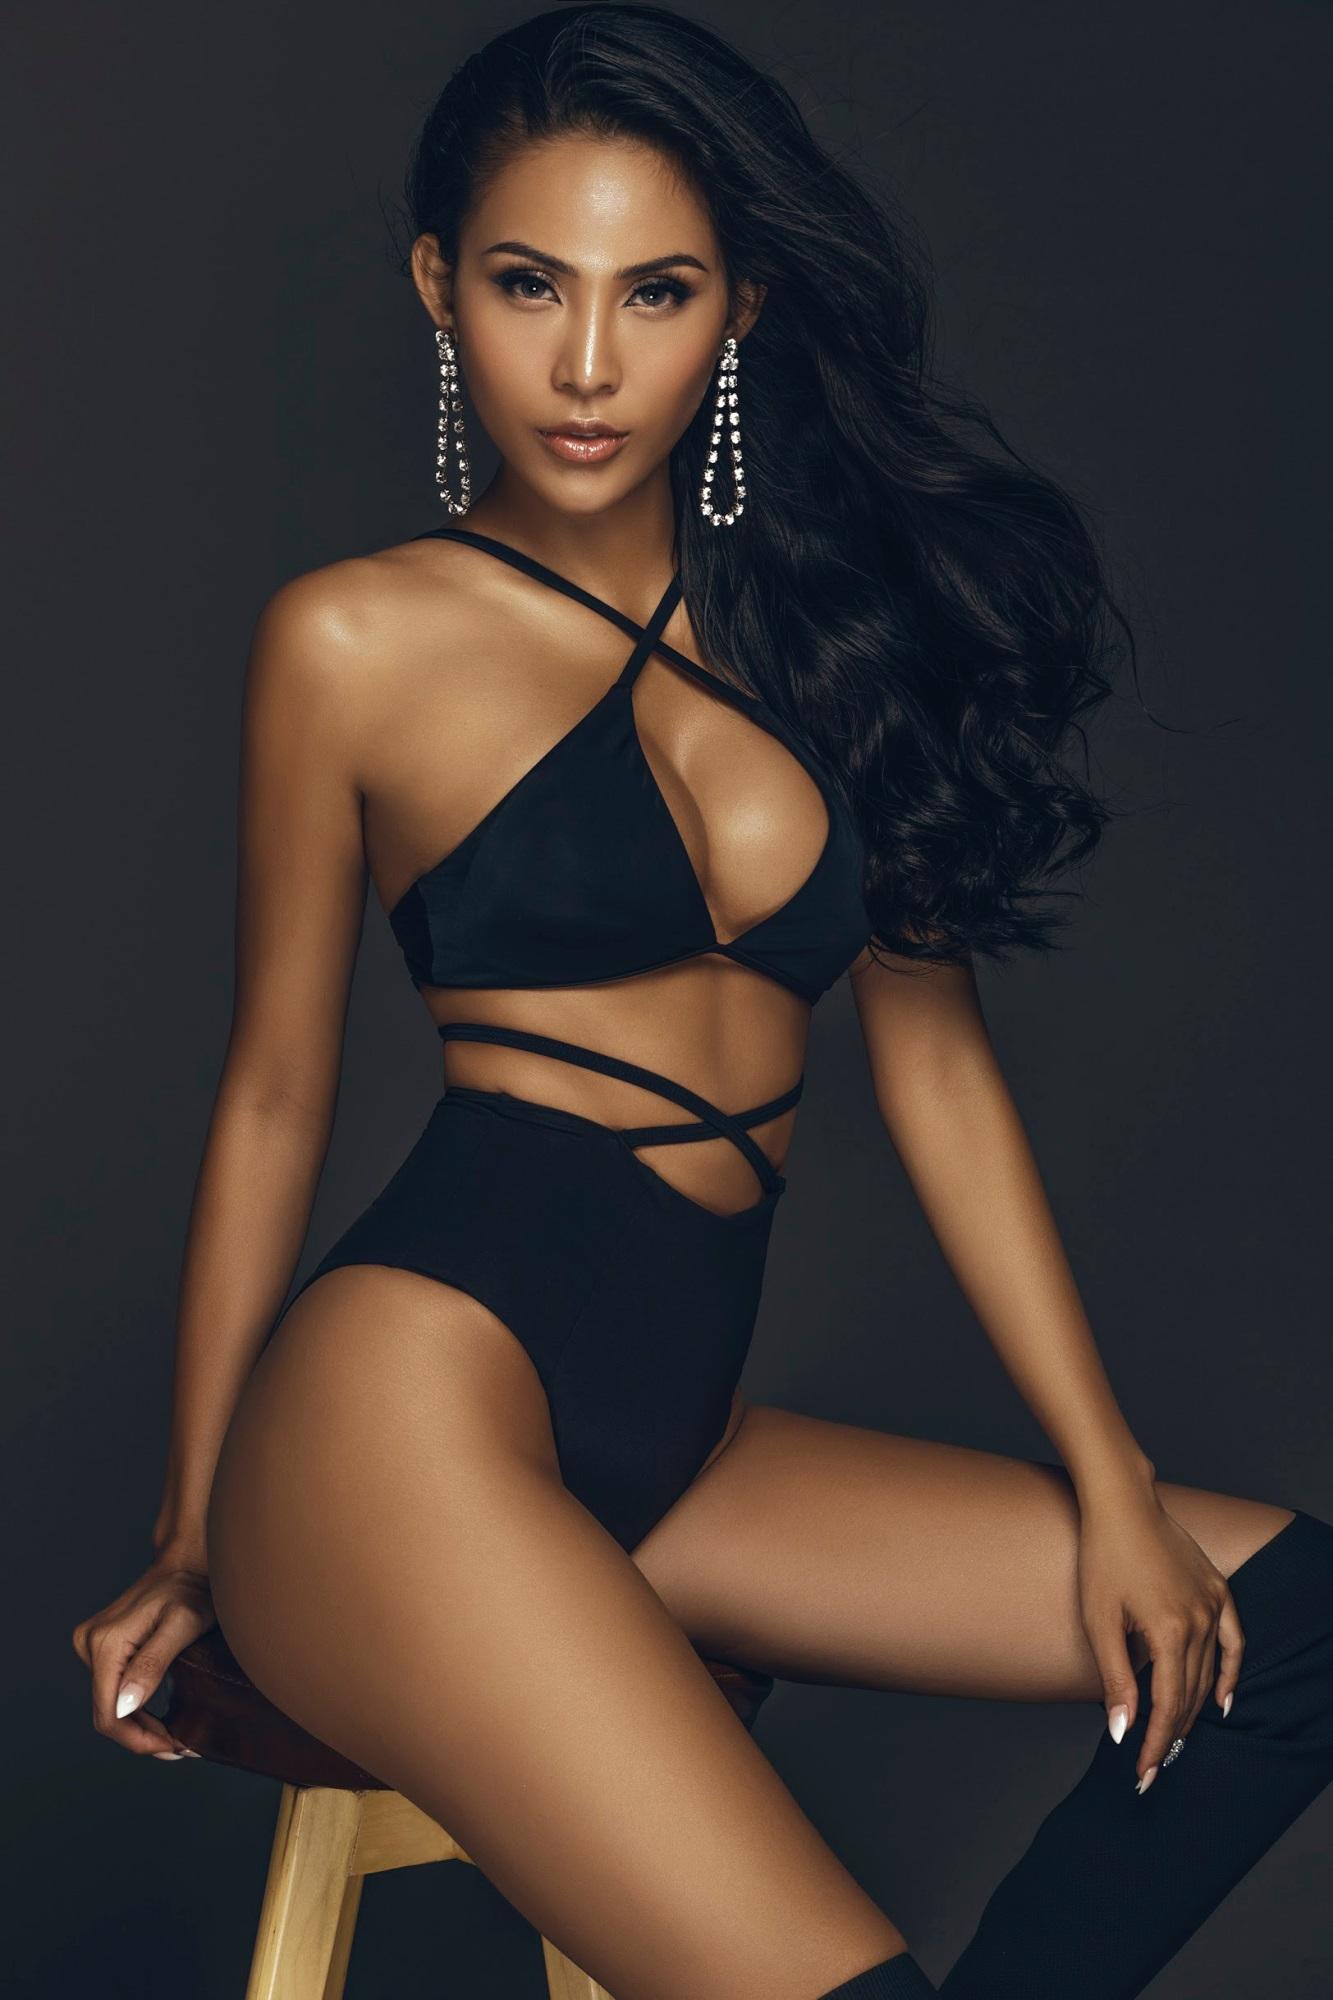 Chân dài Trương Hằng khoe trọn 'đường con nhức mắt' trong bộ hình bikini nóng bỏng - Ảnh 5